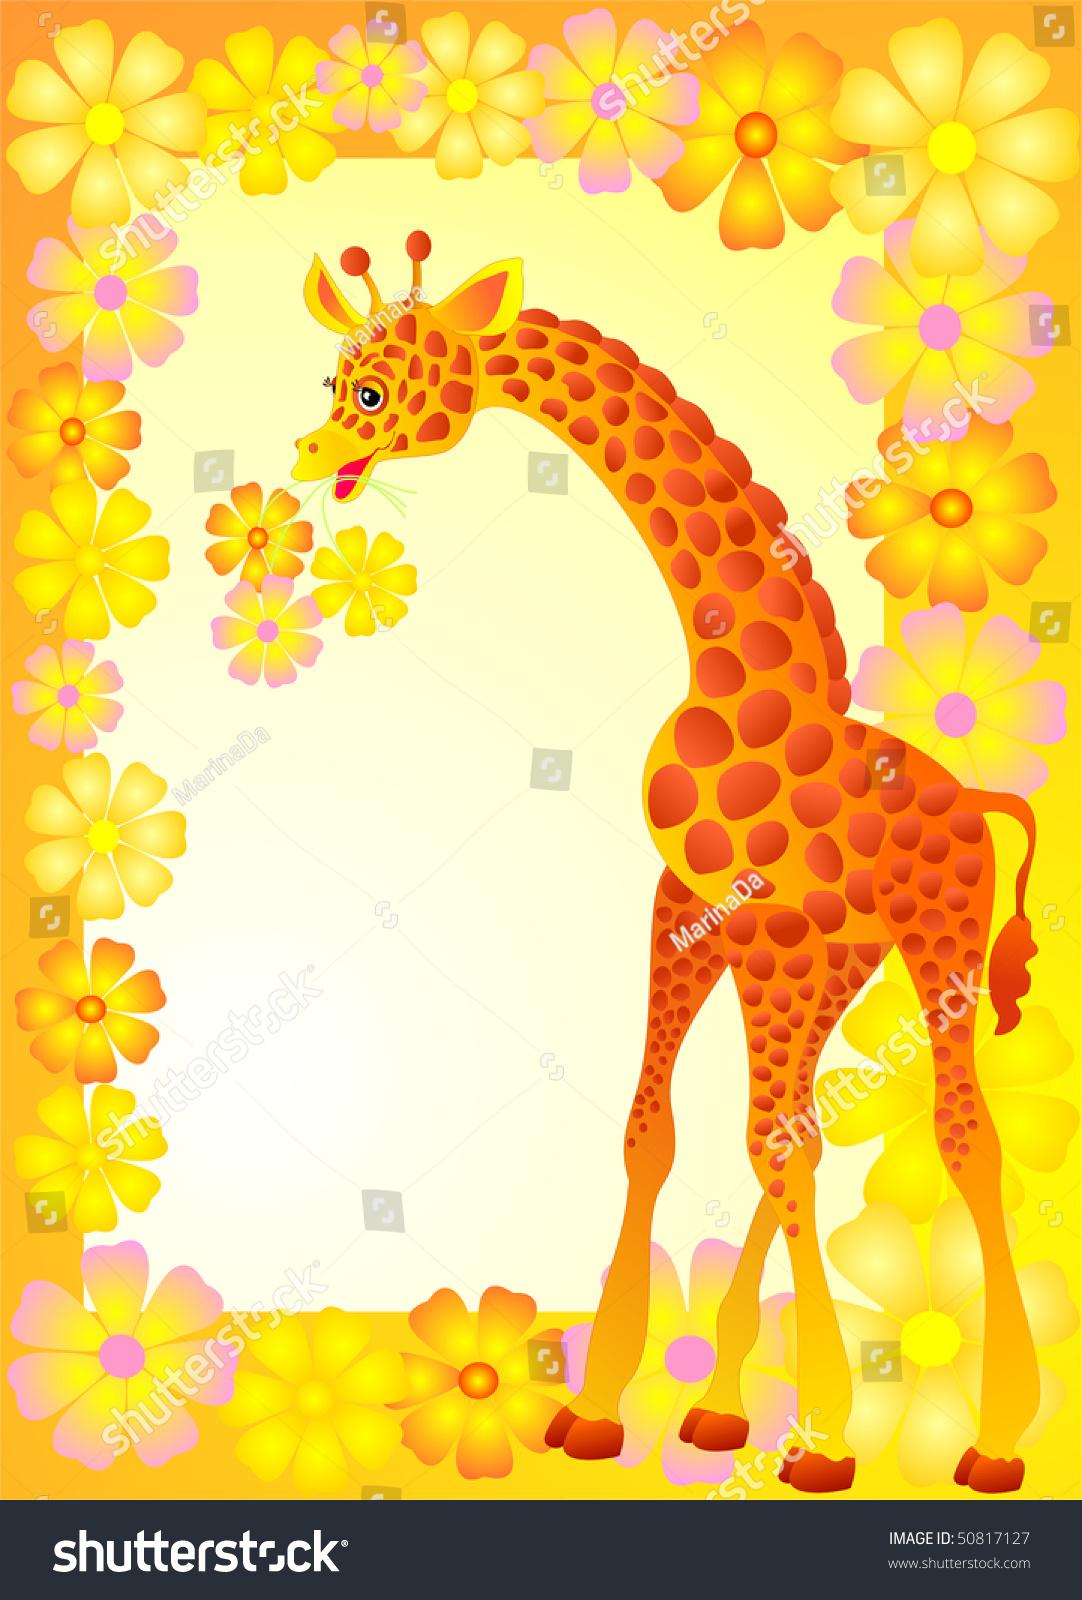 生日背景,卡通小长颈鹿